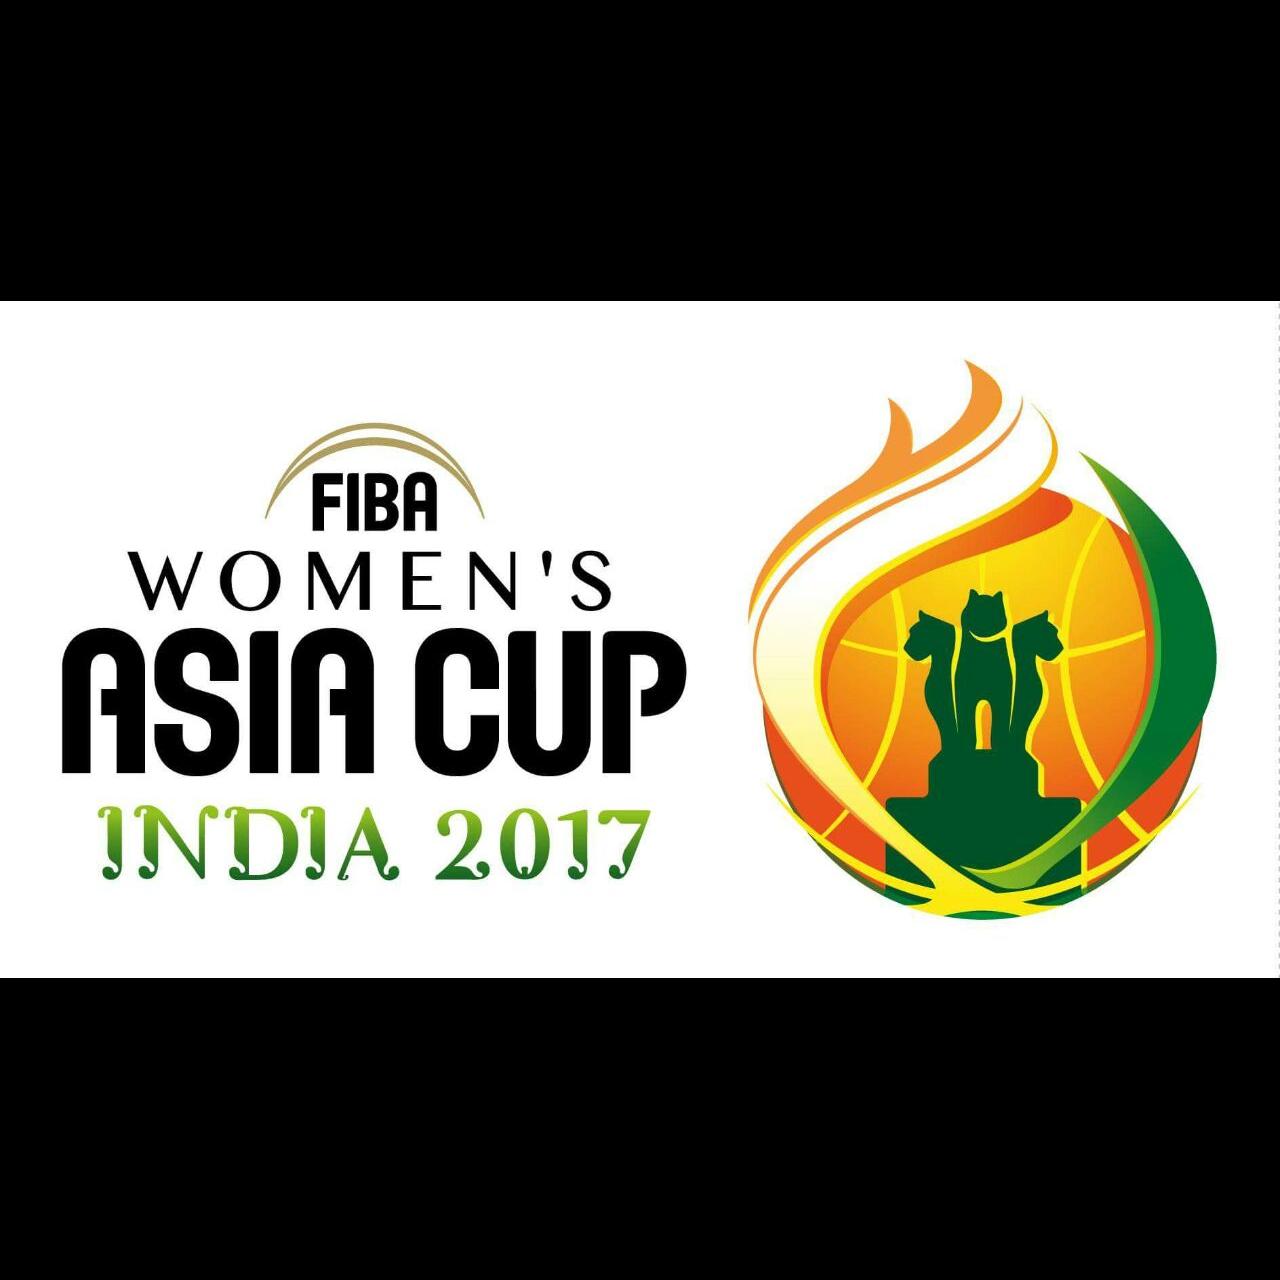 2017 FIBA Basketball Women's Asia Cup